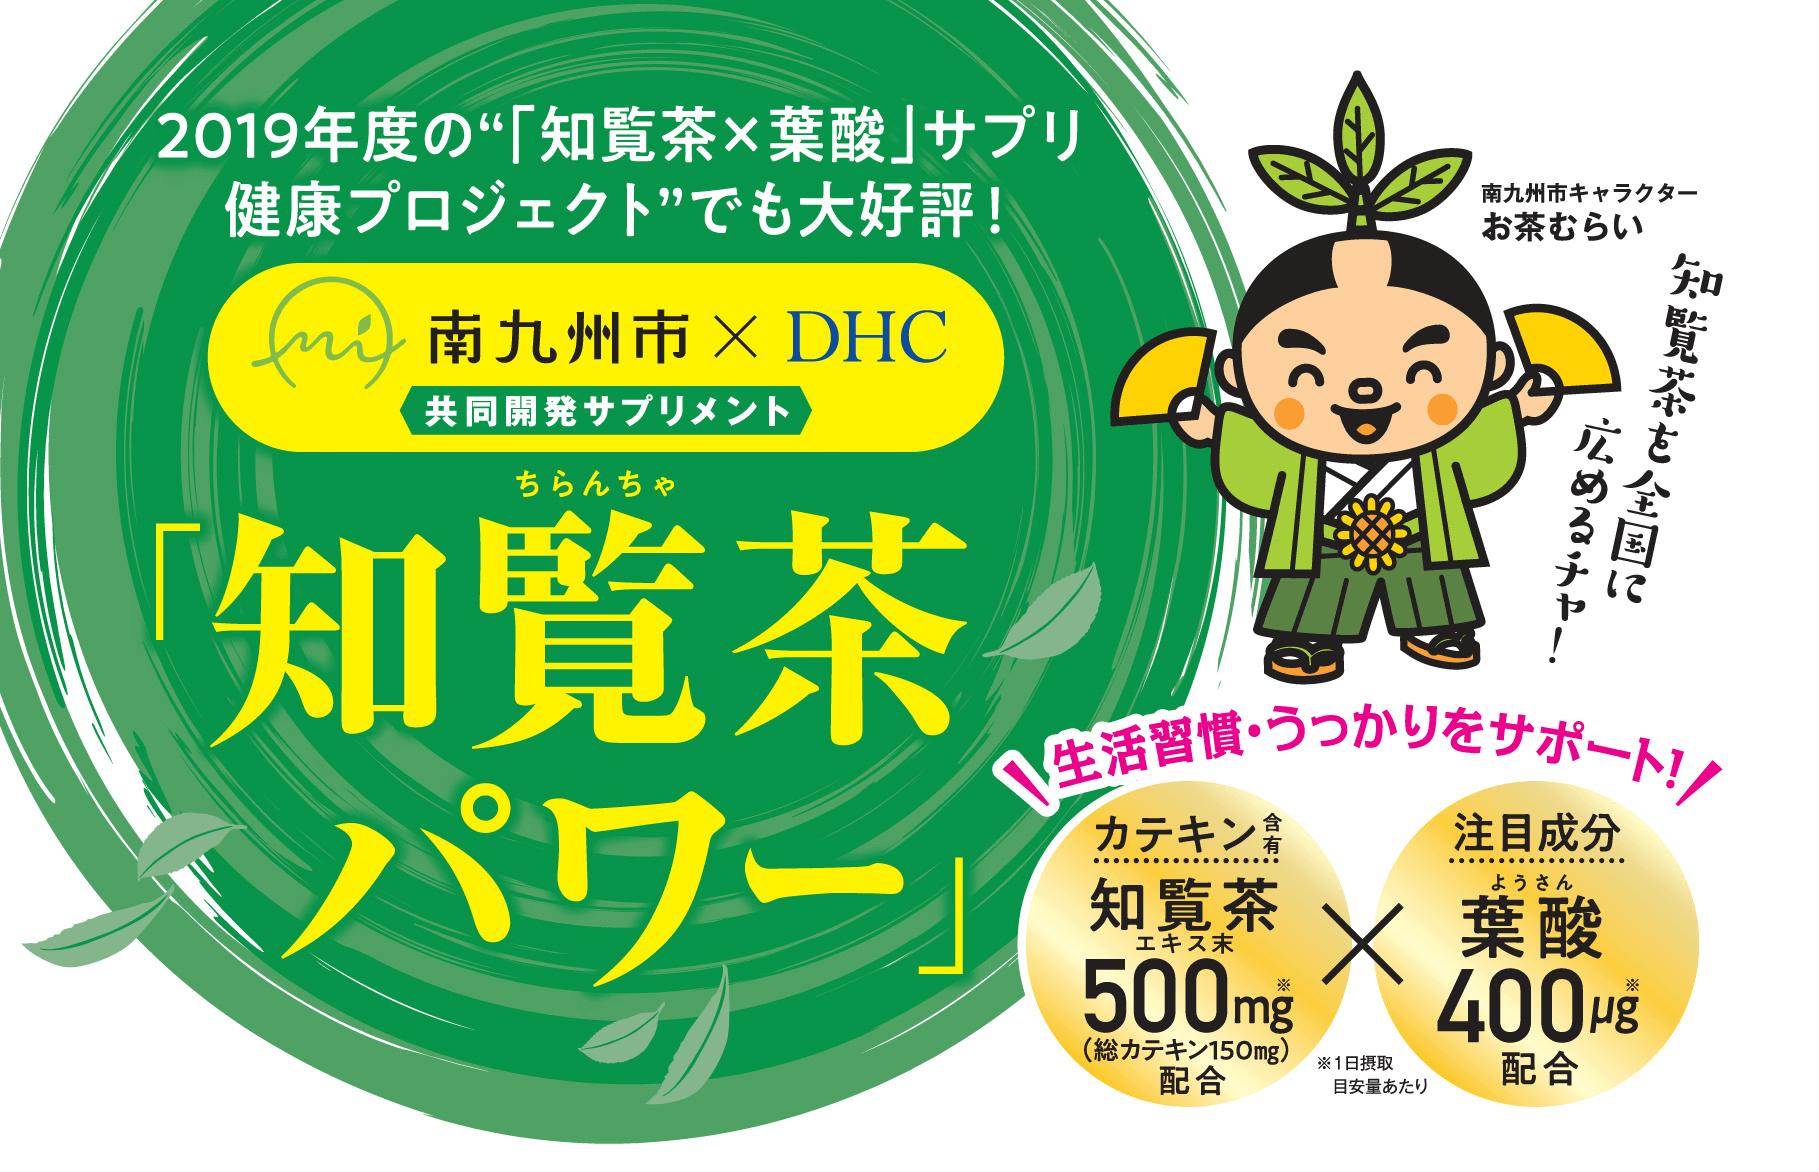 南九州市×DHC 共同開発サプリメント